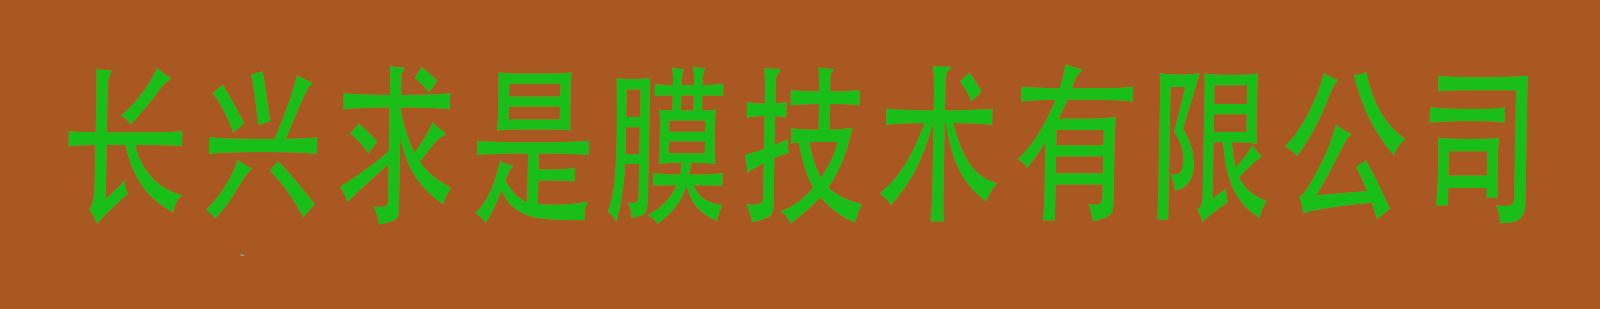 浙江长兴求是膜技术有限公司